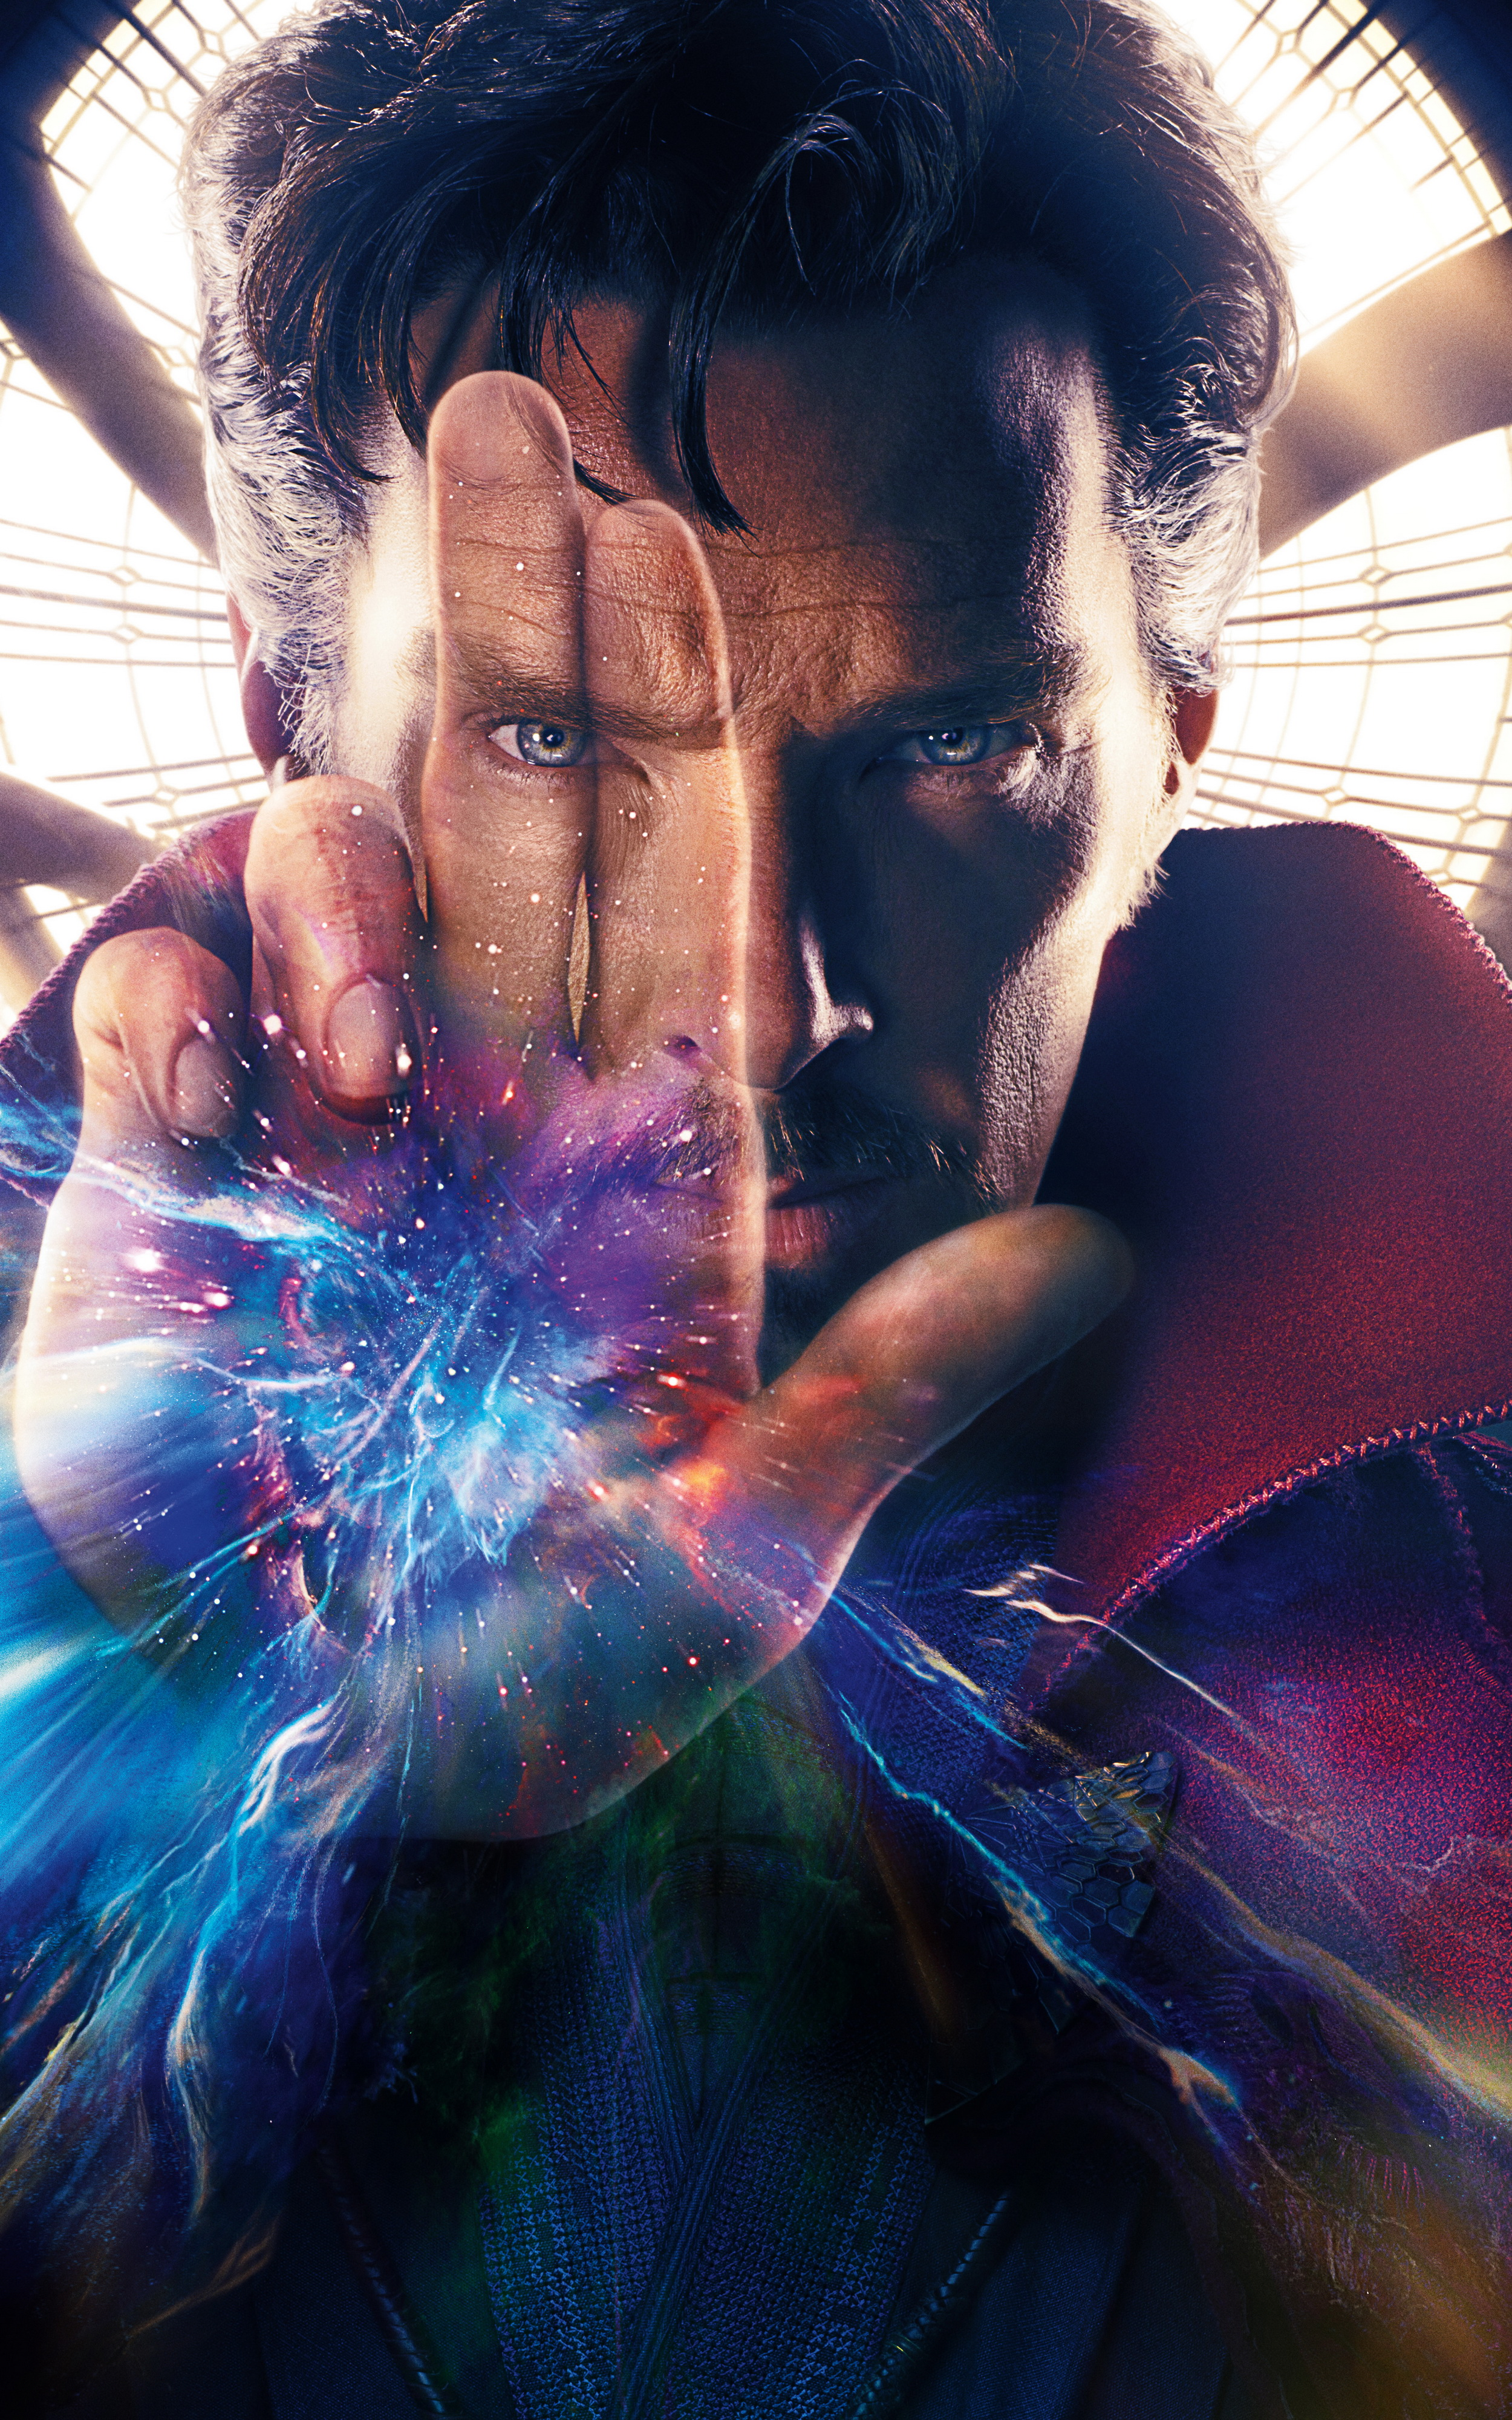 Ảnh nền đẹp 4k dành cho điện thoại - Doctor Strange